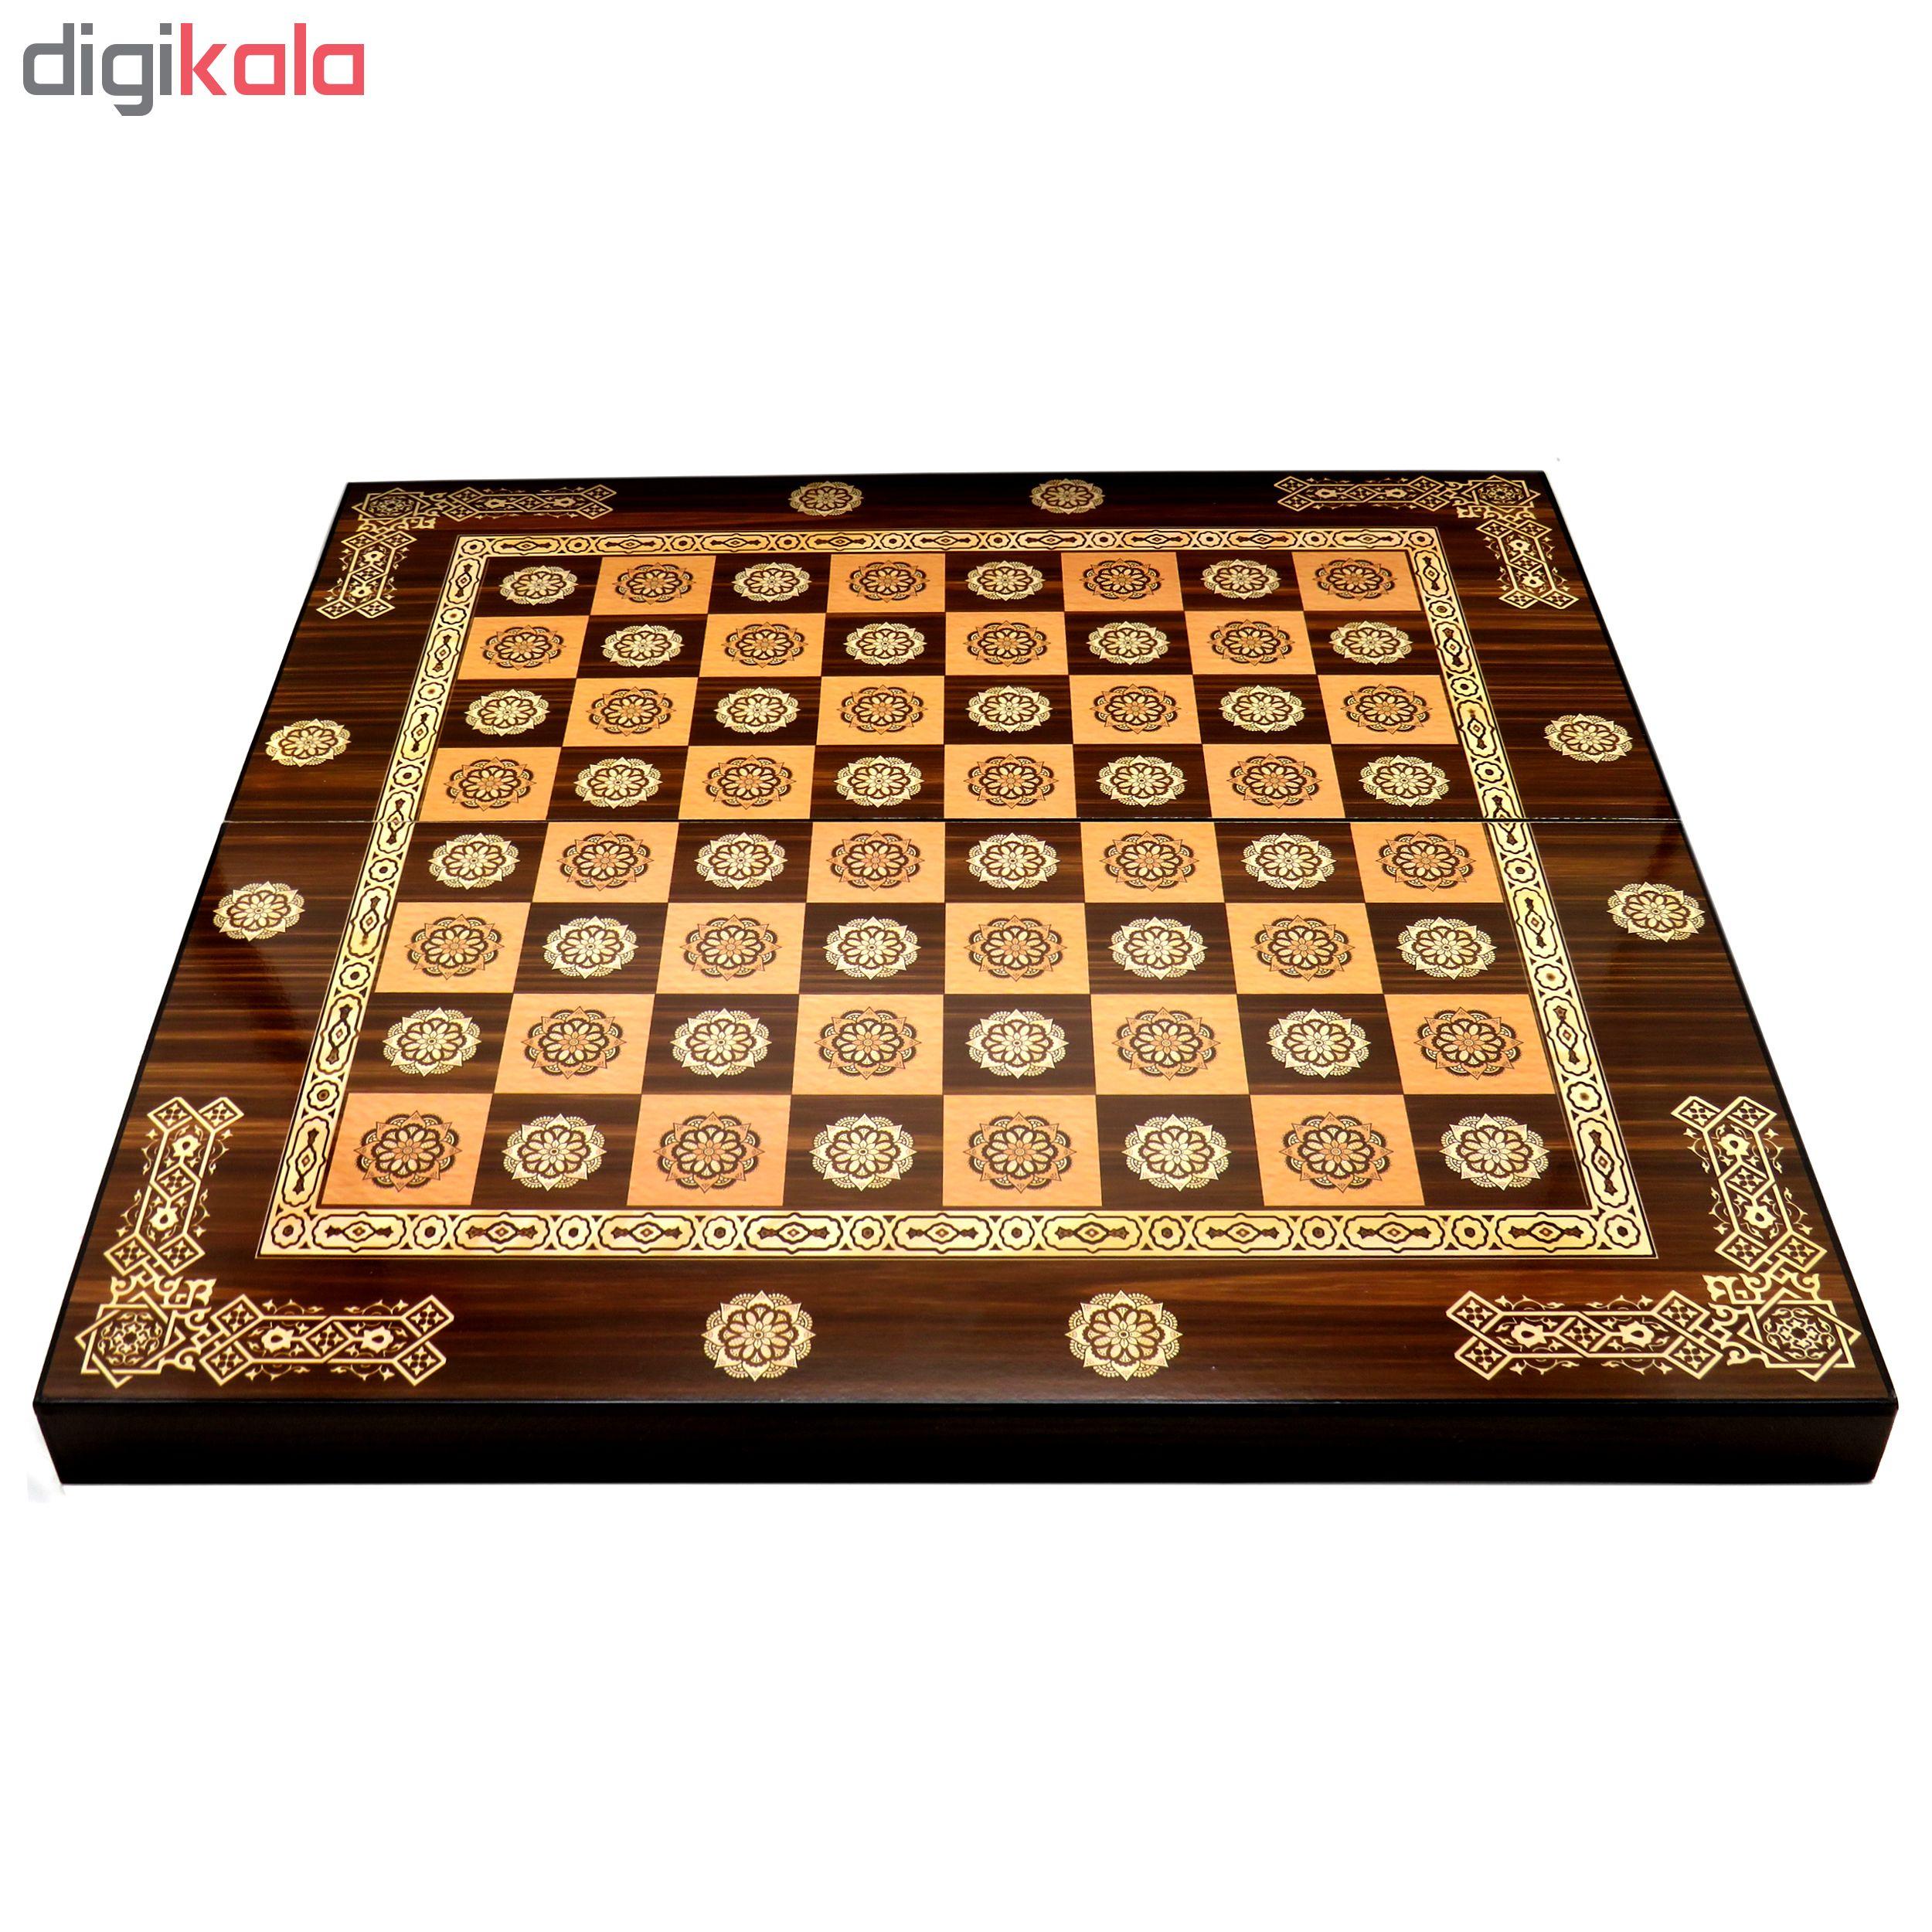 صفحه شطرنج و تخته نرد مدل Venos-10B